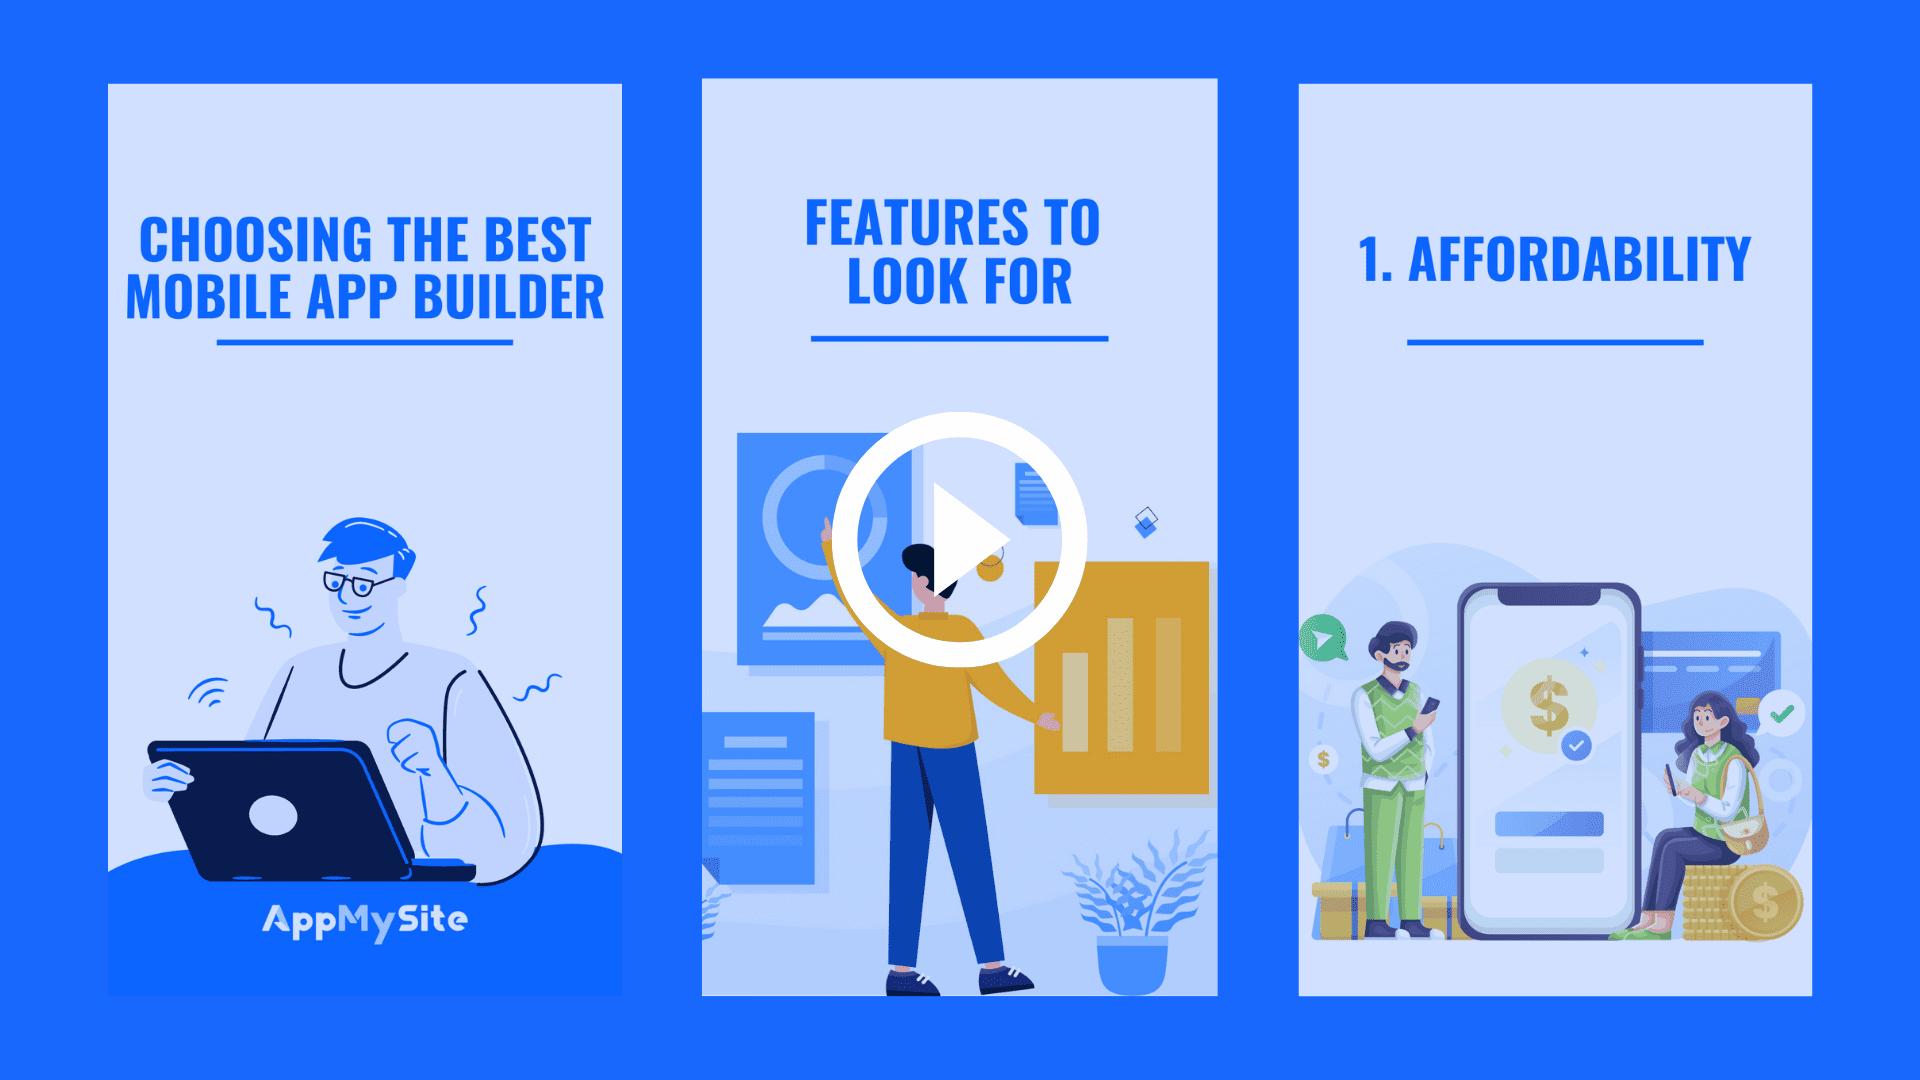 Choosing the best app builder